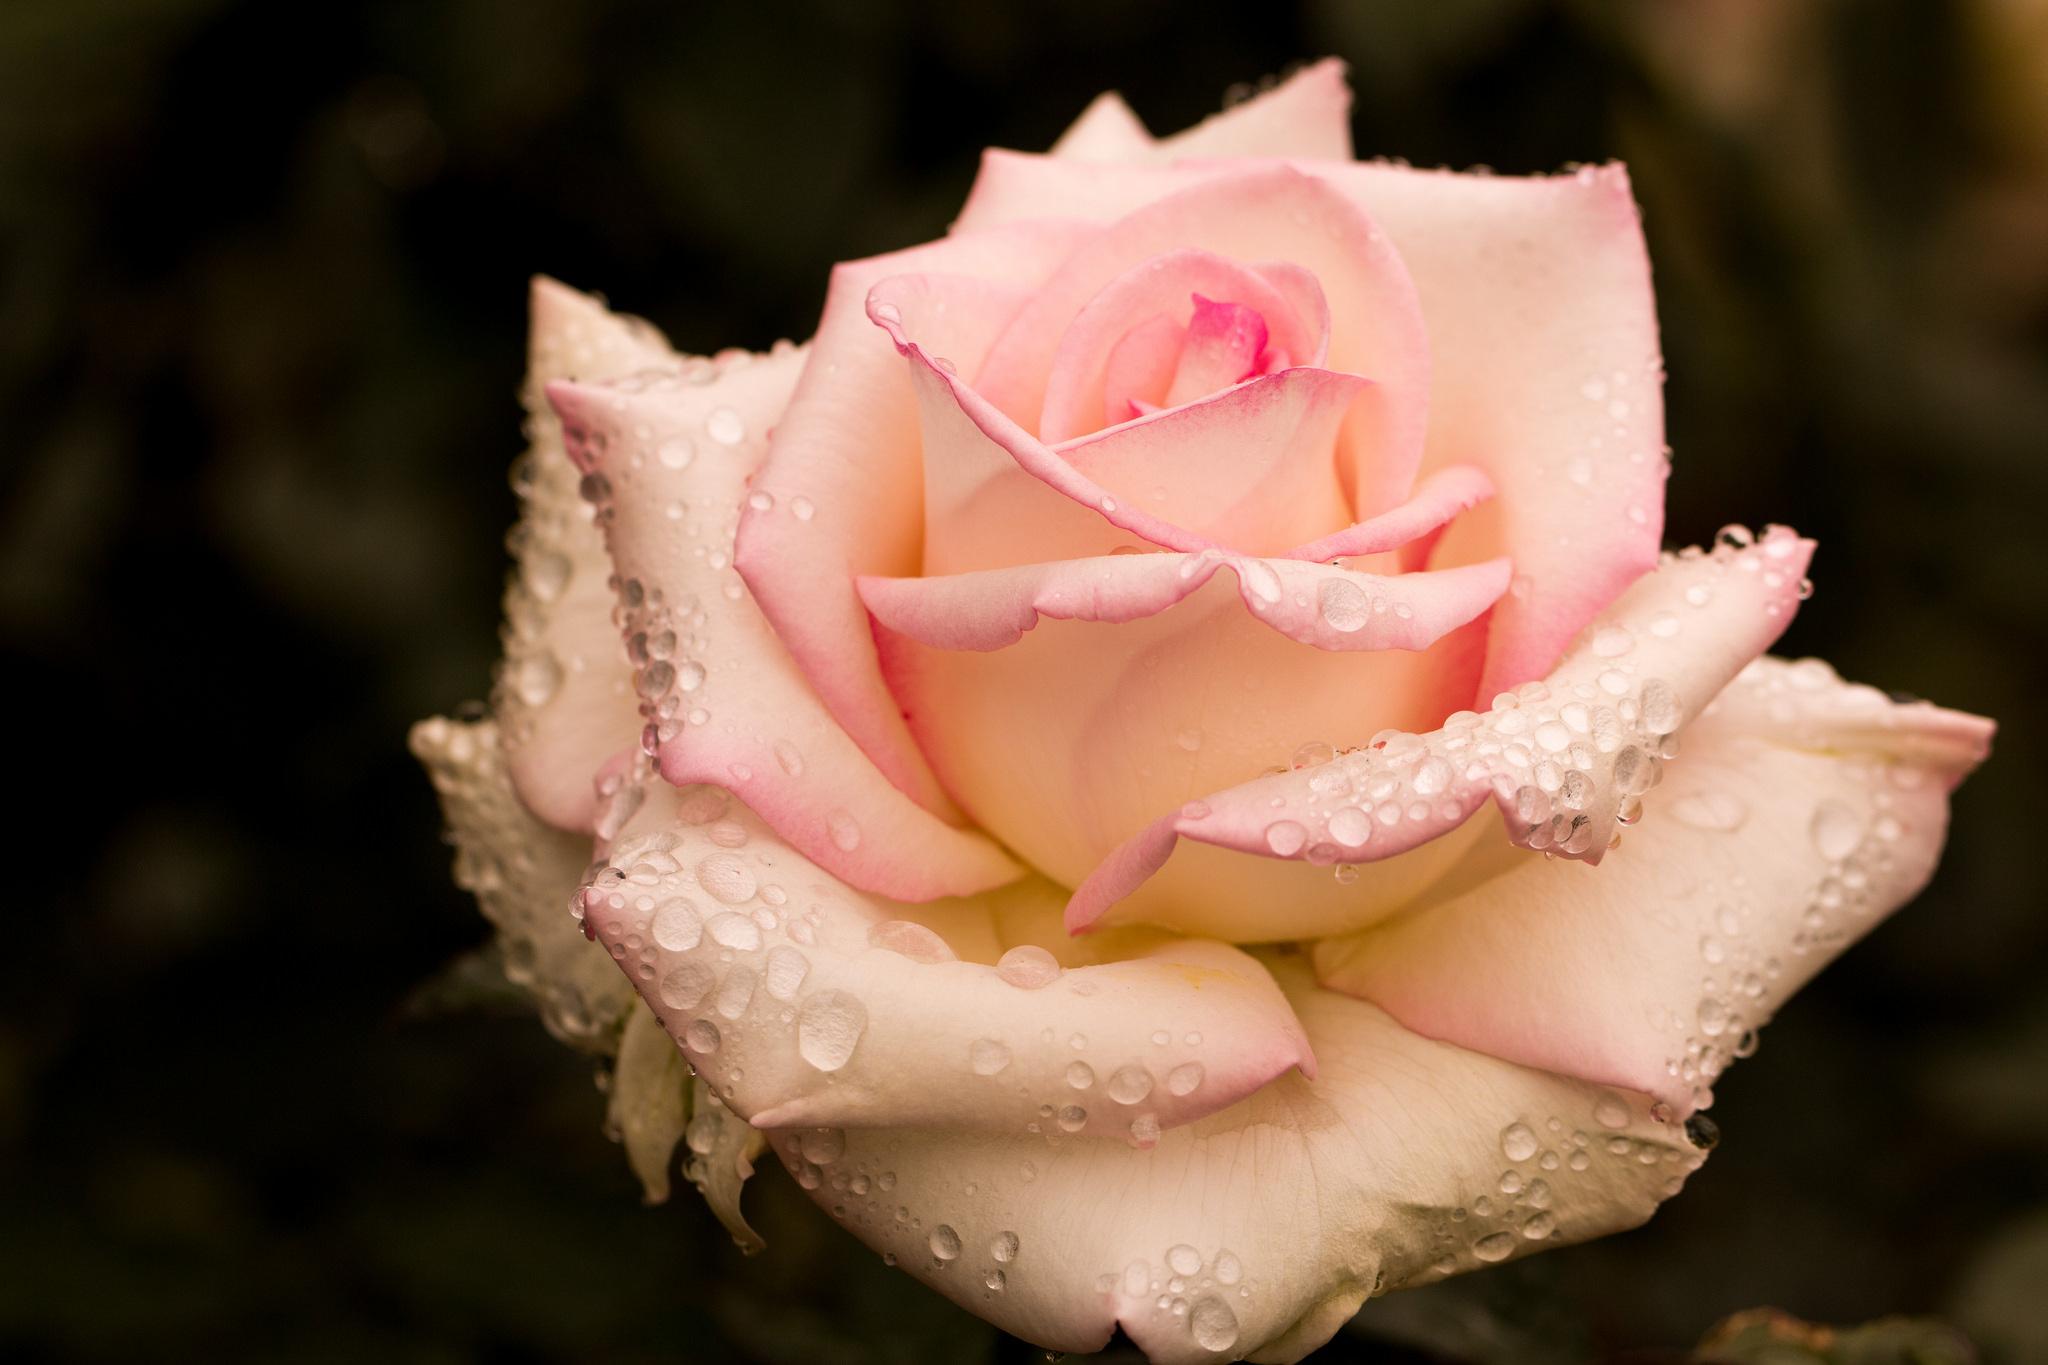 этом фото большие розы с росой первый раз открыла